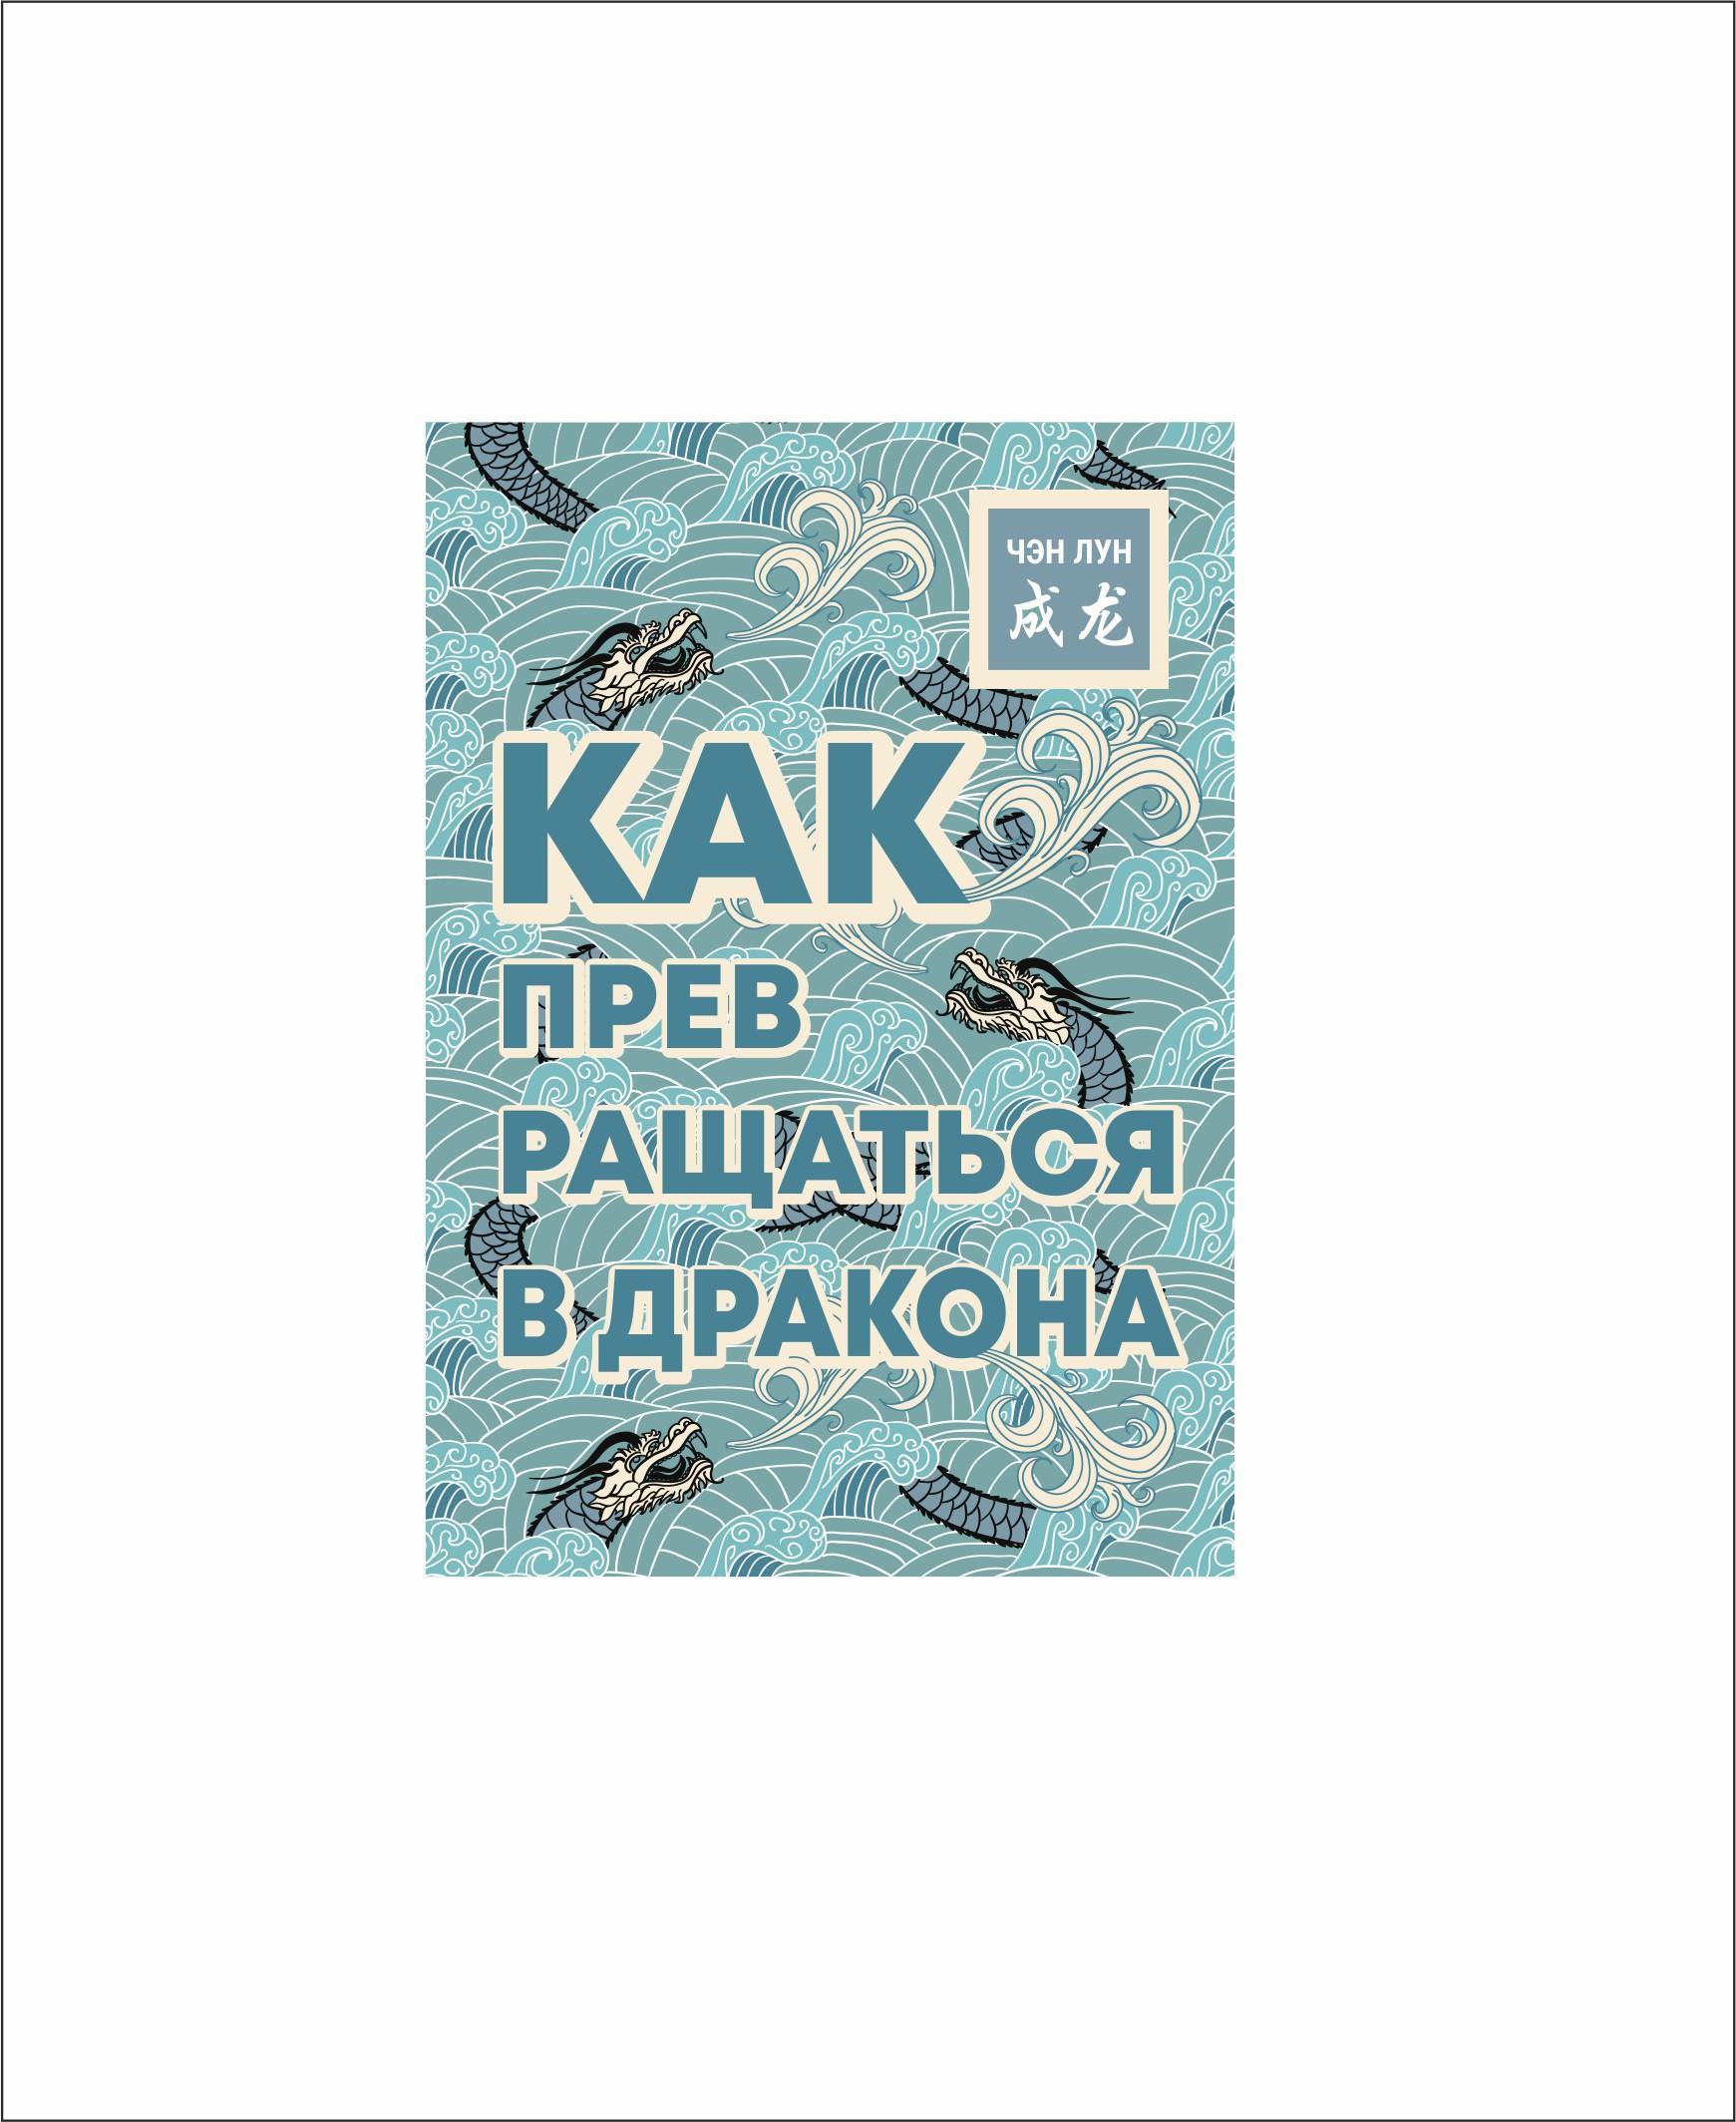 Обложка для книги фото f_5925f453ccc51292.jpg